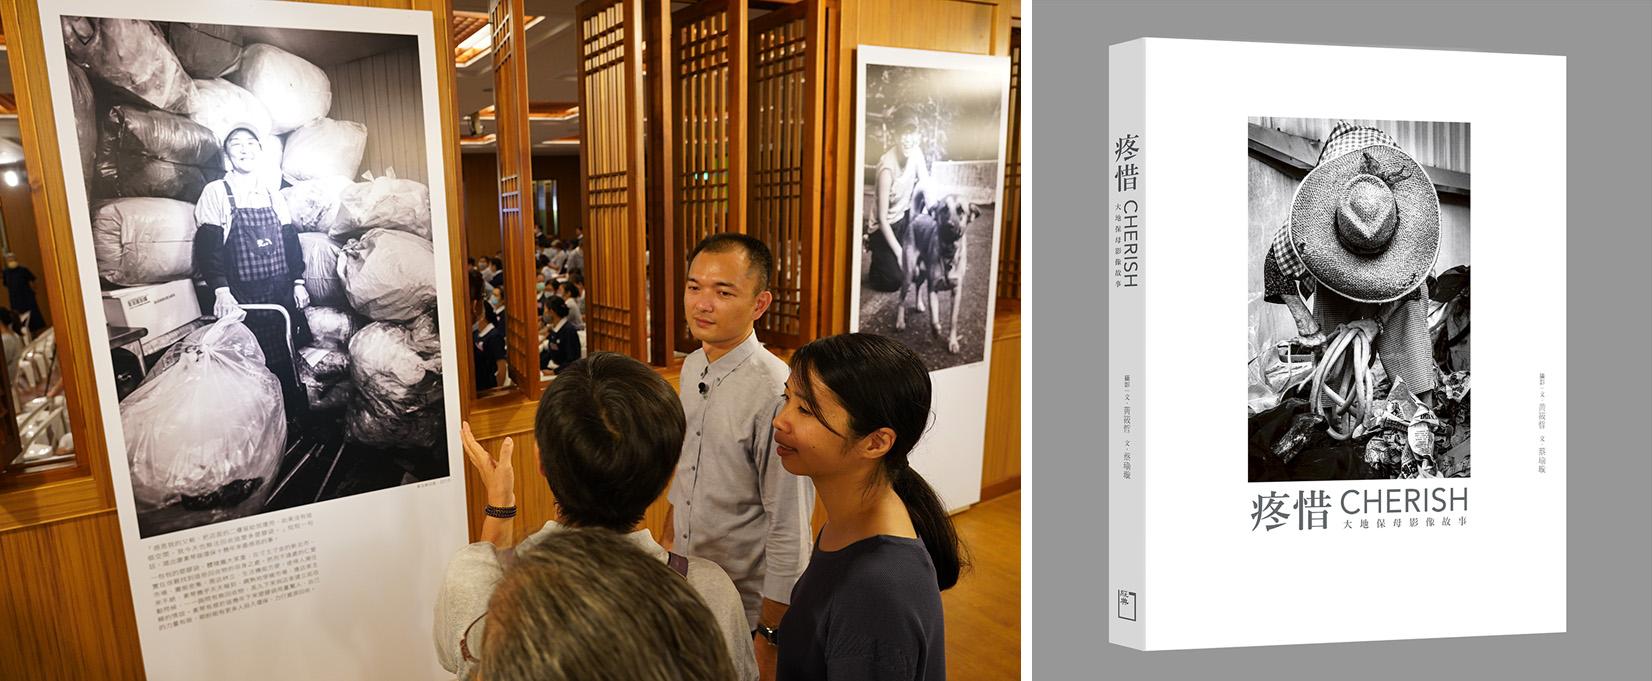 作者黃筱哲替書中人物廖素琴導覽照片;《疼惜》立體書封。